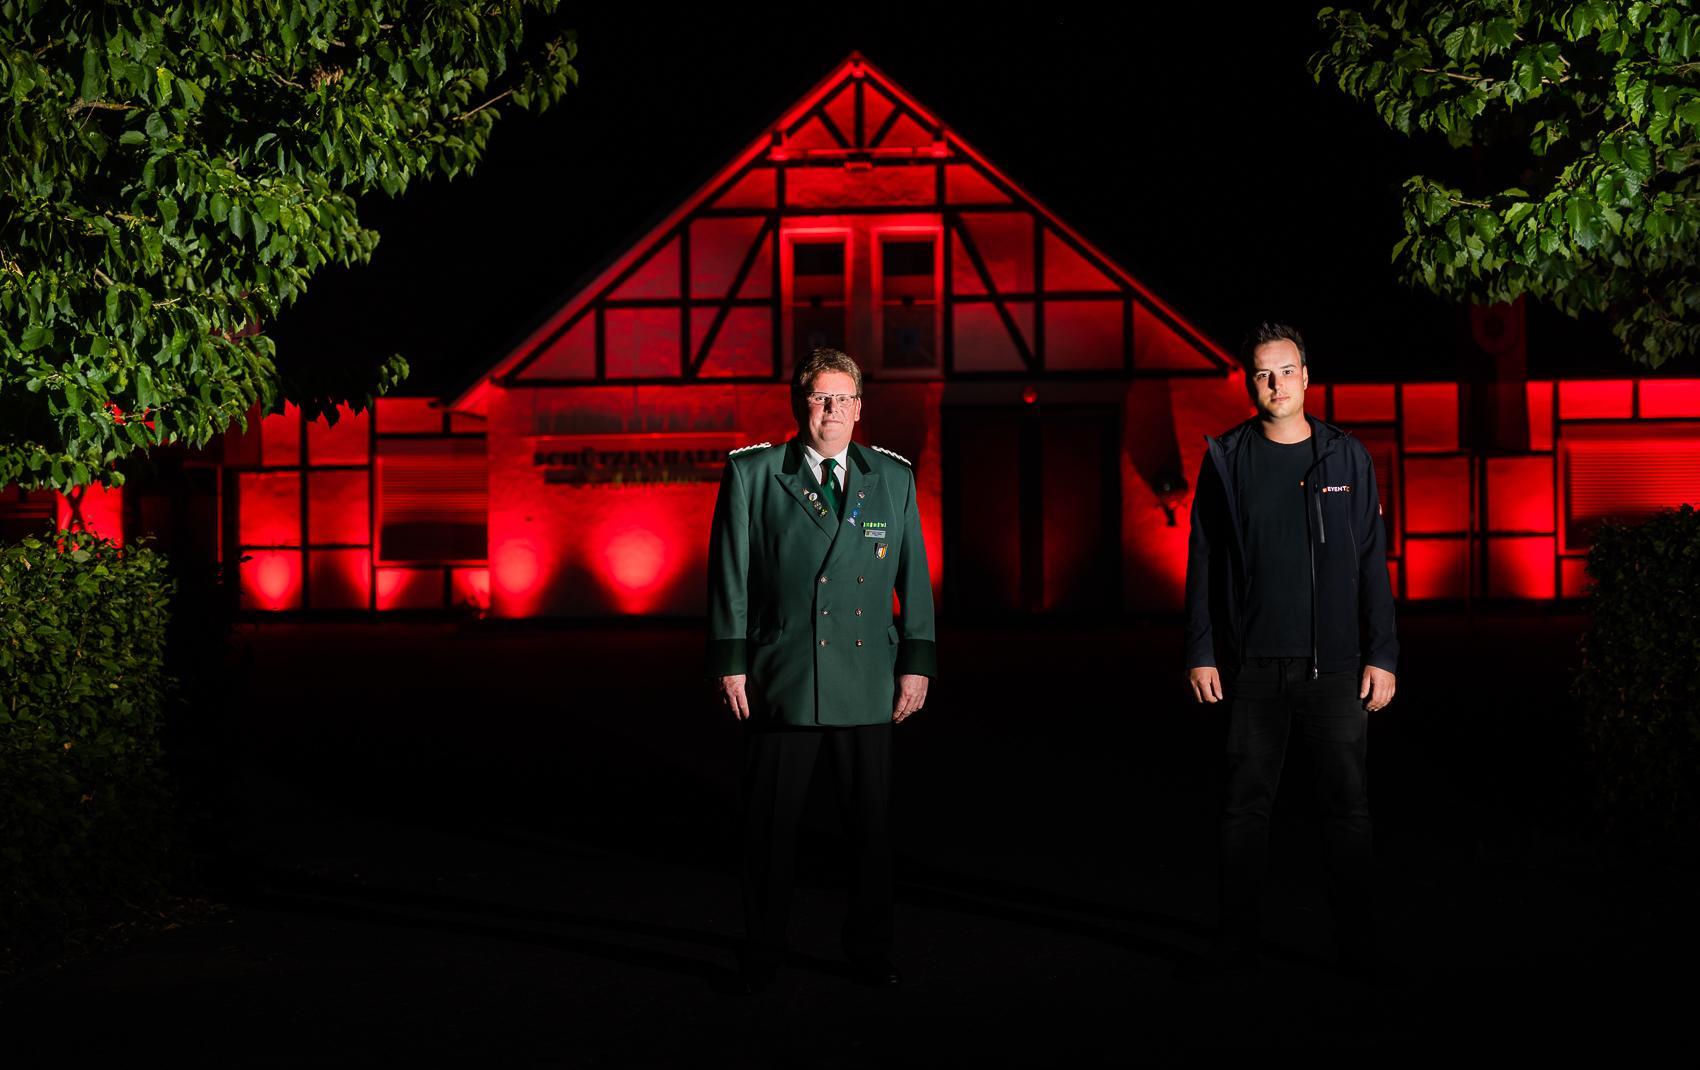 Night Of Light im Sauerland - Dennis Koetje und Volker Nölke vor der Schützenhalle in Heringhausen.